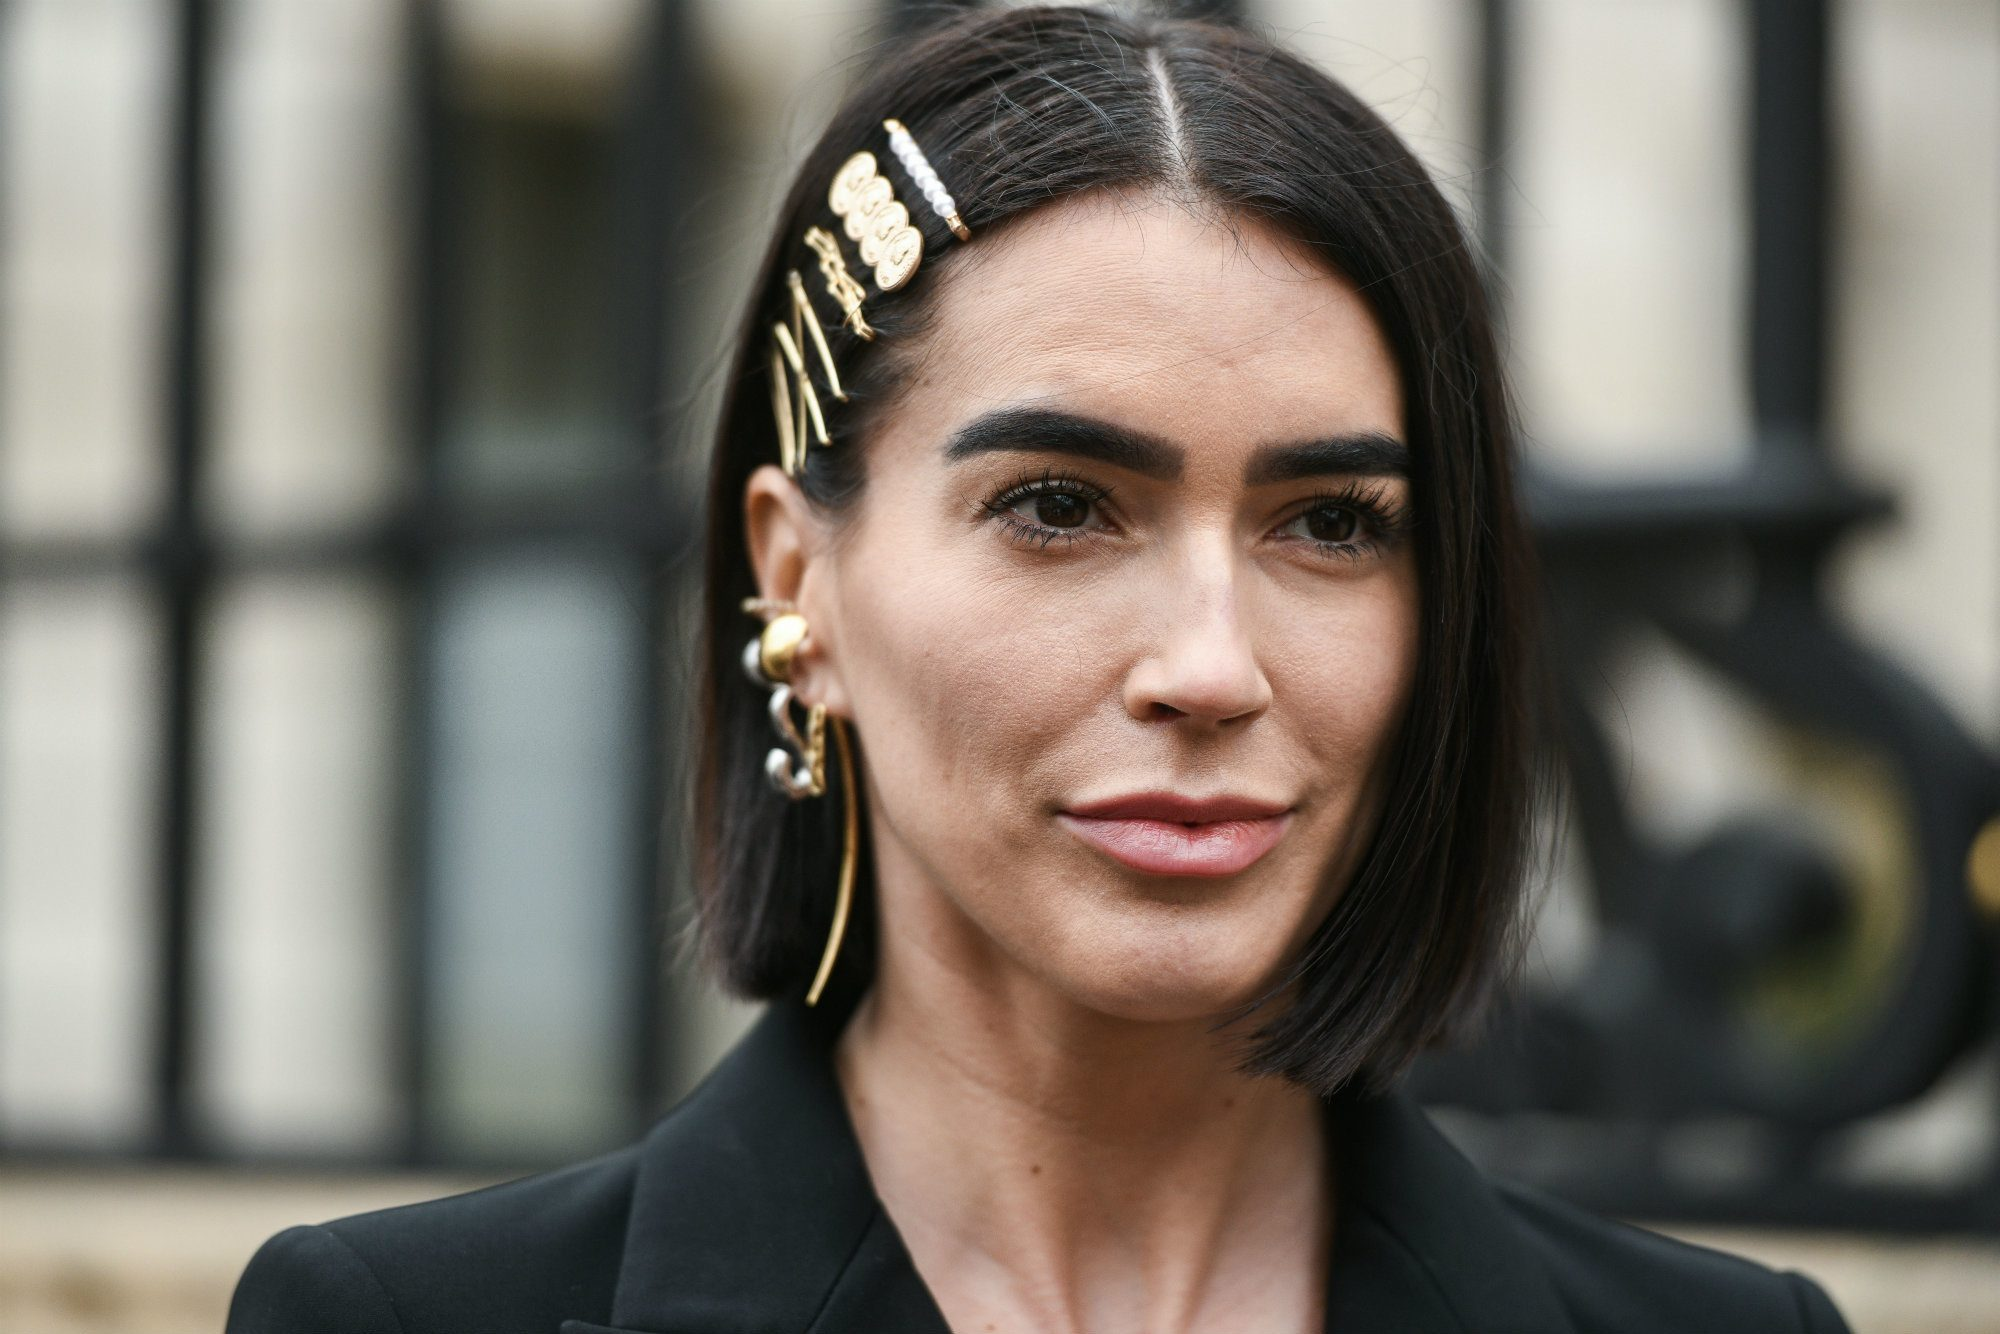 mujer joven peinada con hebillas para el pelo corto